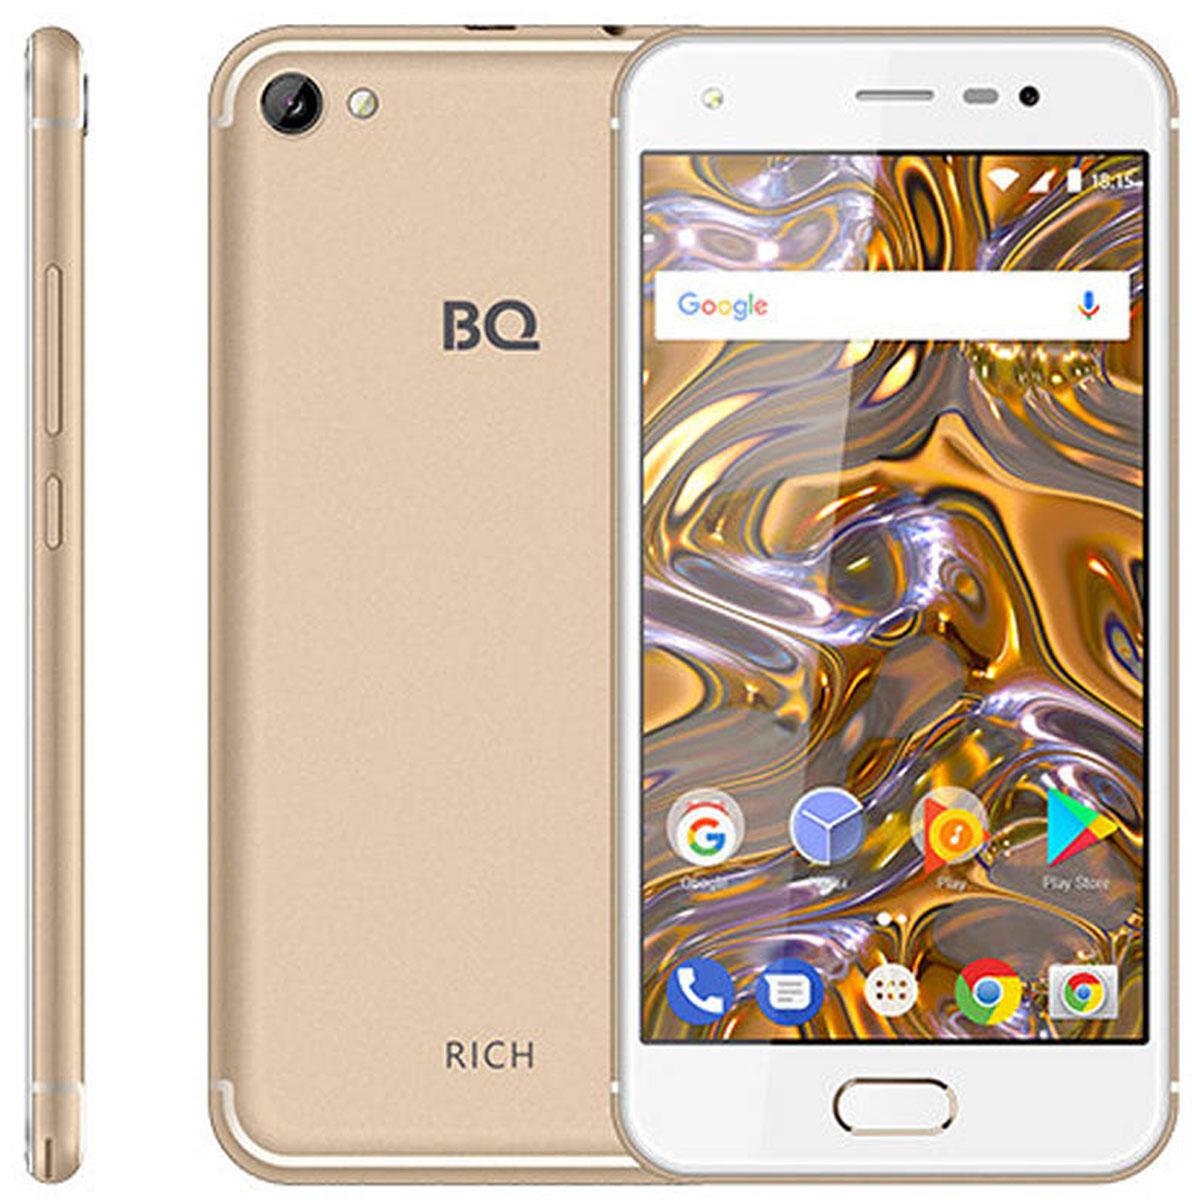 Смартфон BQ Mobile 5012L Rich 8 GB, золотистый закаленное стекло с цветной рамкой fullscreen для xiaomi mi 5x df xicolor 16 black